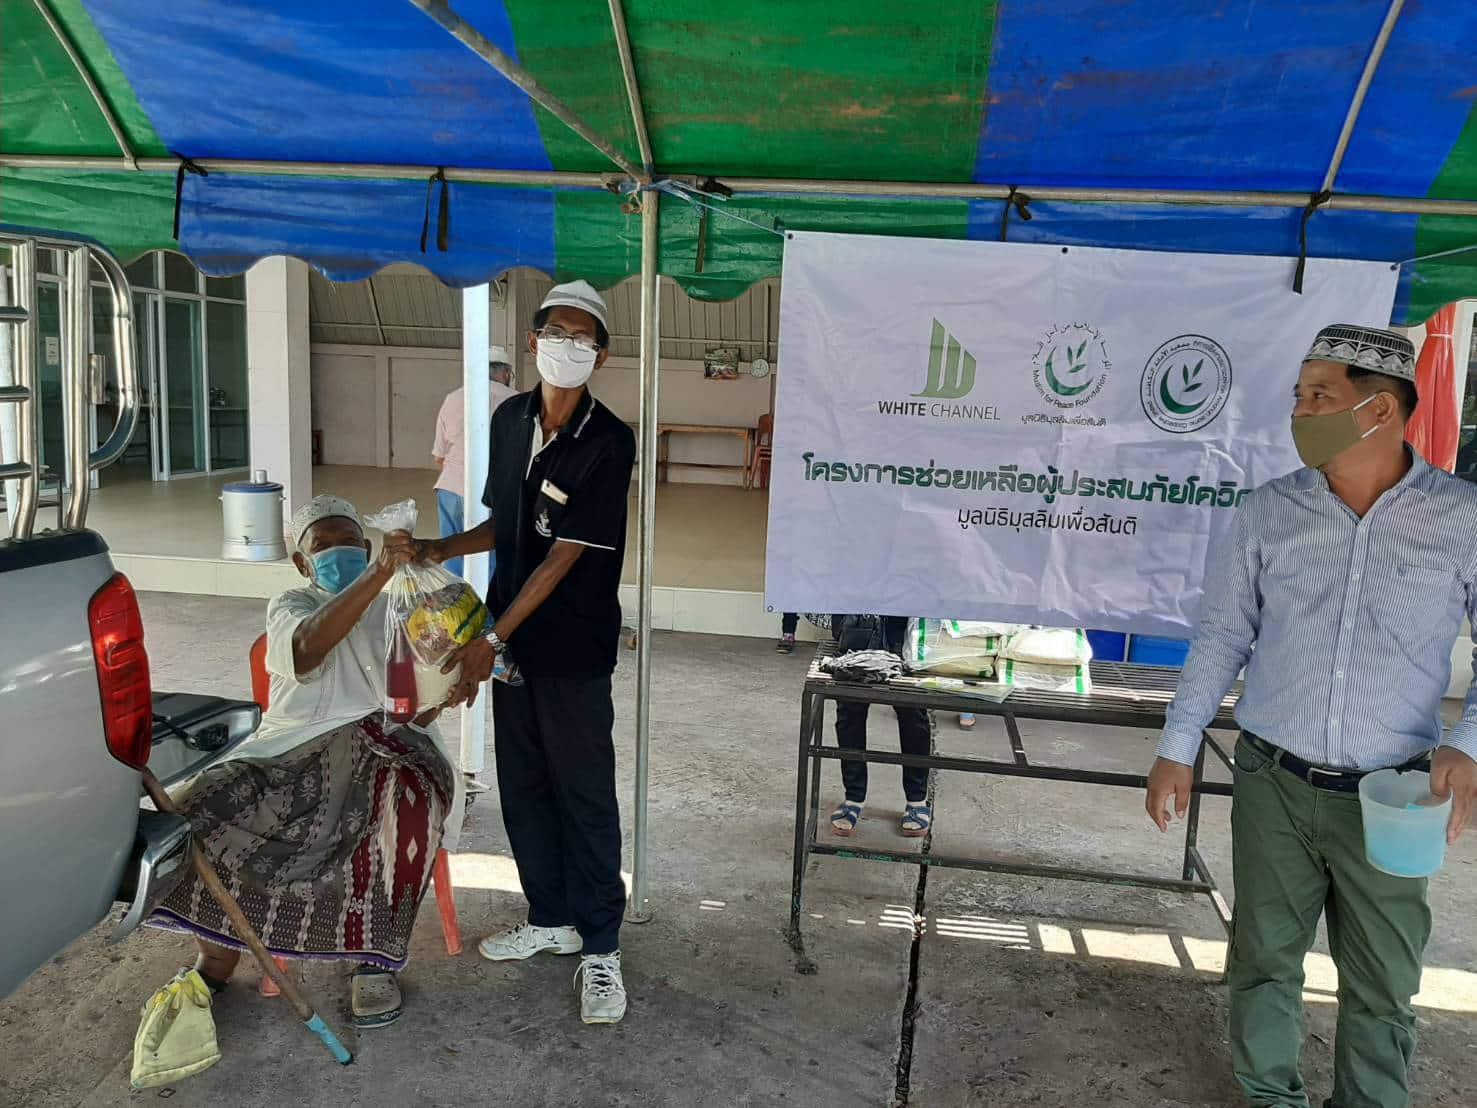 ศูนย์ประสานงาน มูลนิธิมุสลิมเพื่อสันติ อิสาน มอบ 120 ชุด